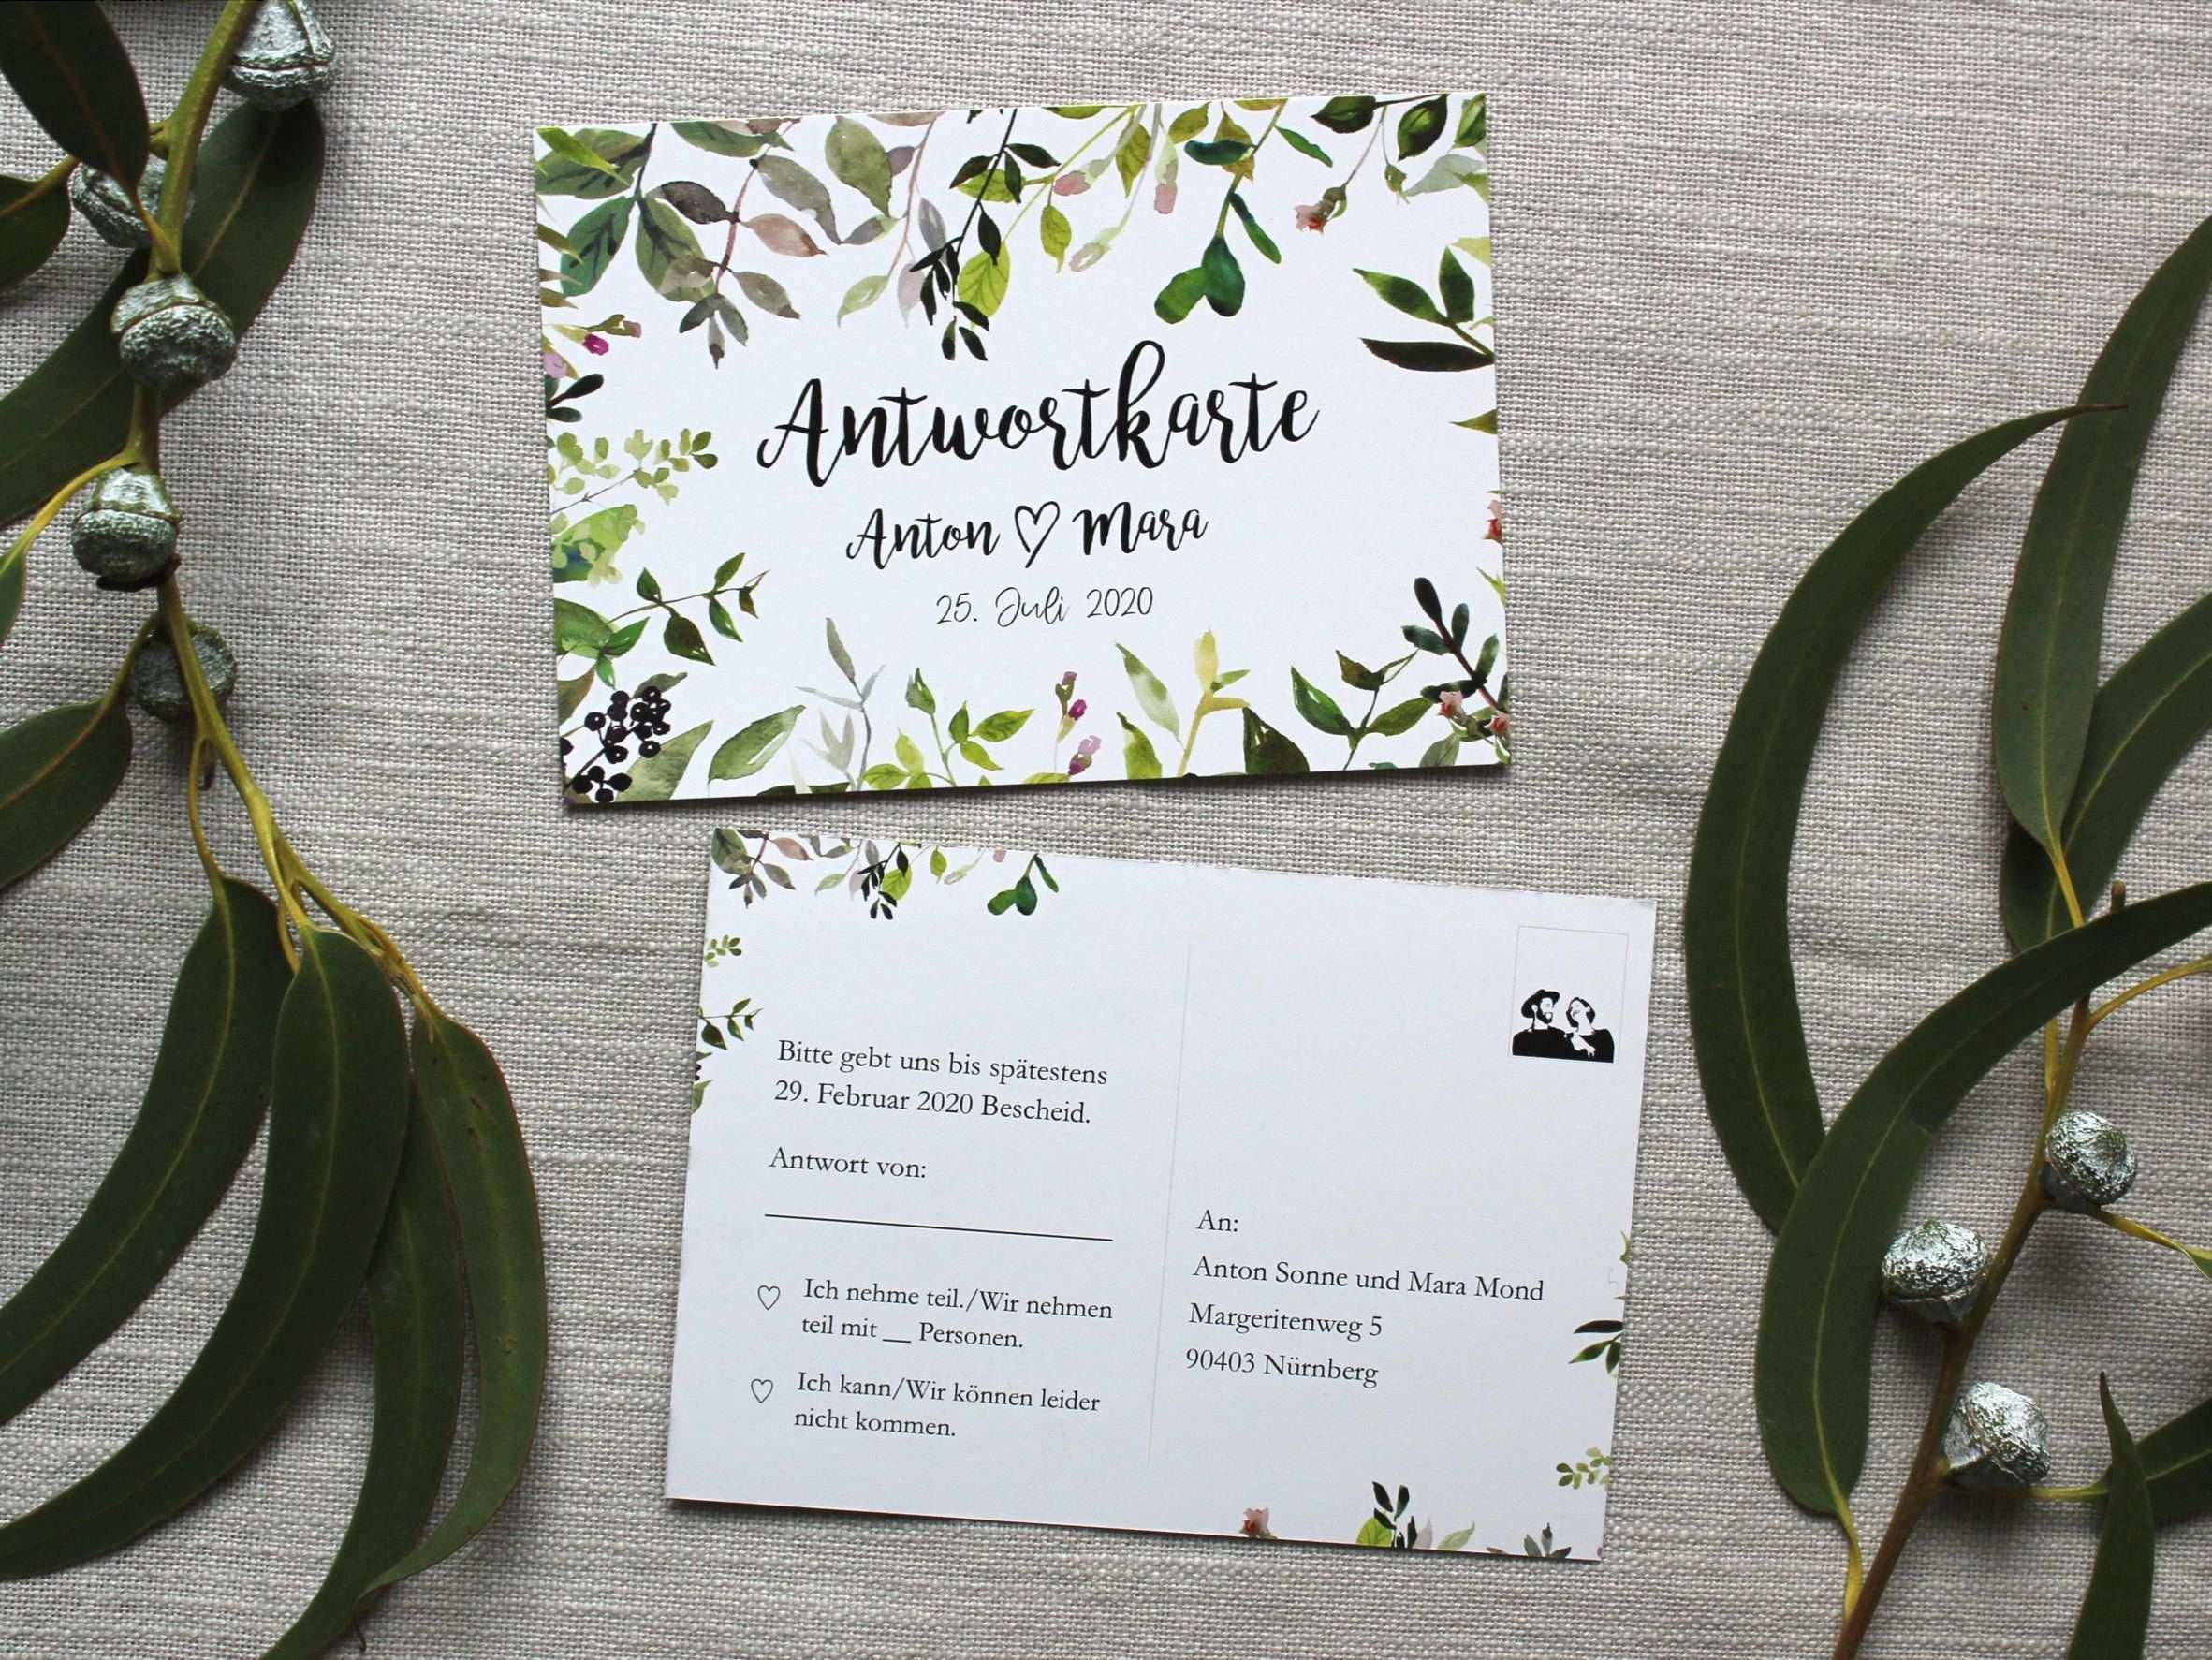 Antwortkarte Zur Hochzeitseinladung Greenery Postkarte Antwortkarten Hochzeit Ruckantwort Einladung Einladungskarten Hochzeit Wedding Book Cover